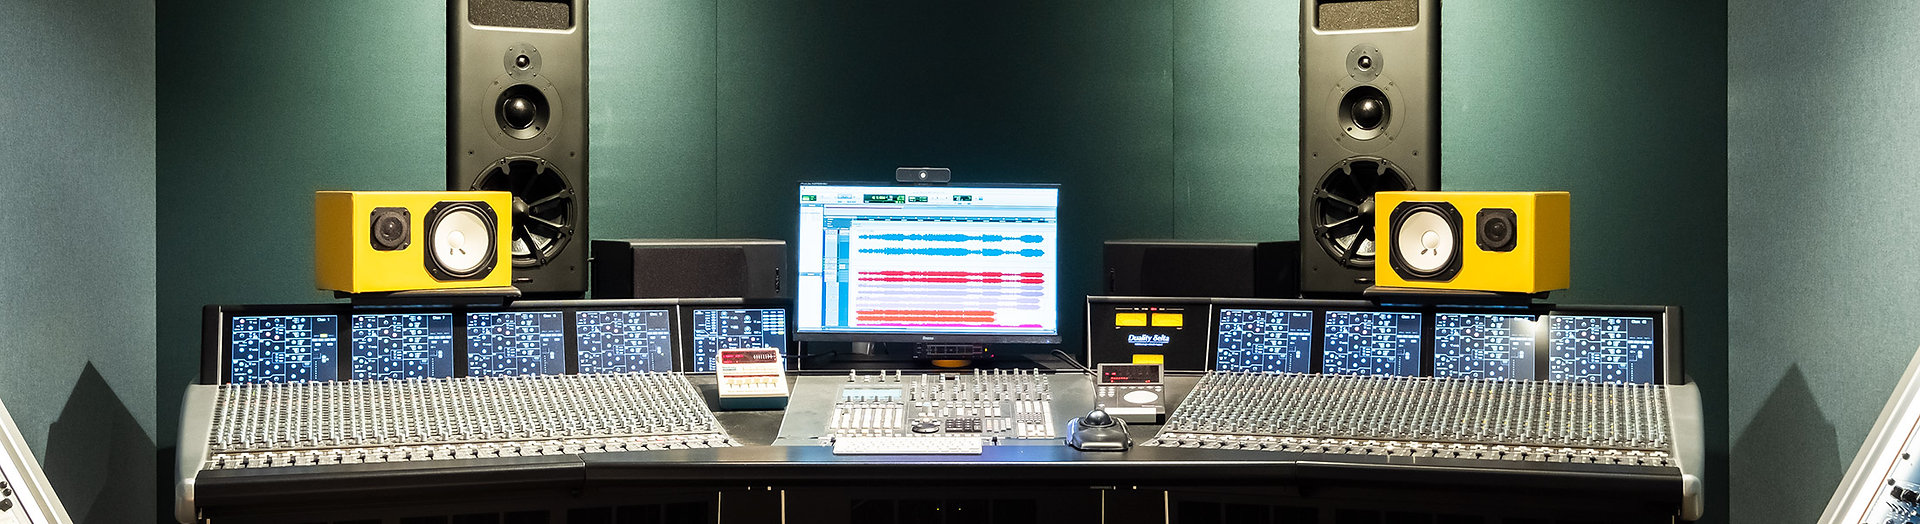 pinna-studio-harry-bekkers-13.jpg